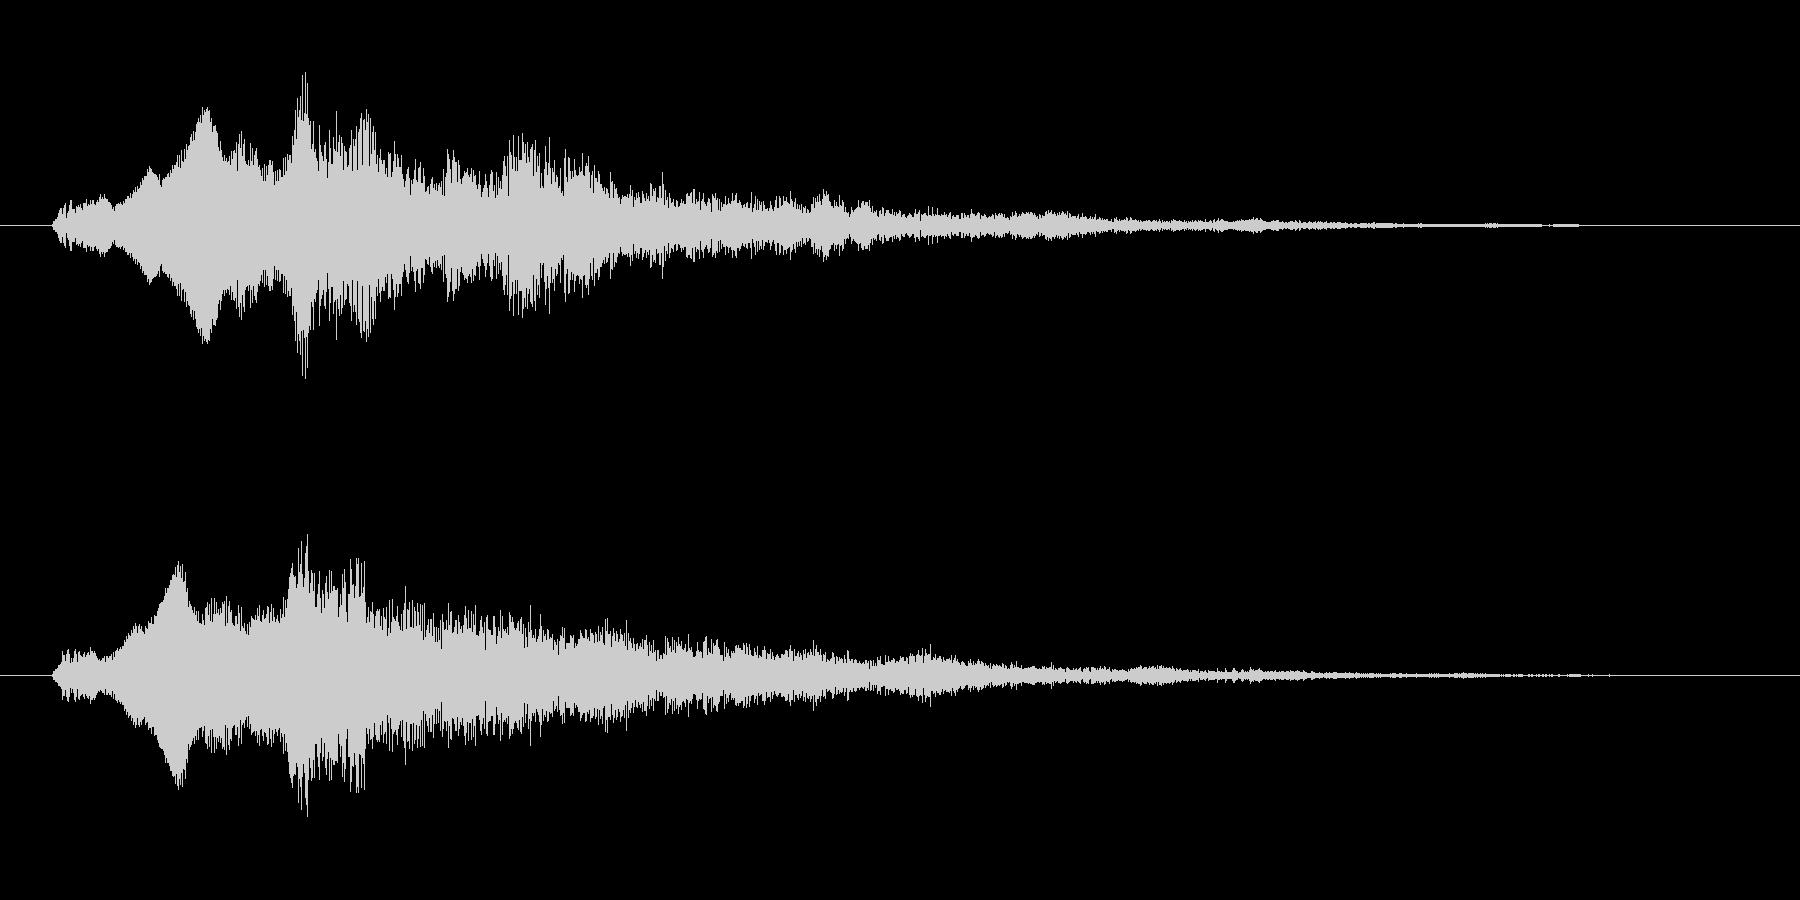 サウンドロゴ(企業ロゴ)_022の未再生の波形